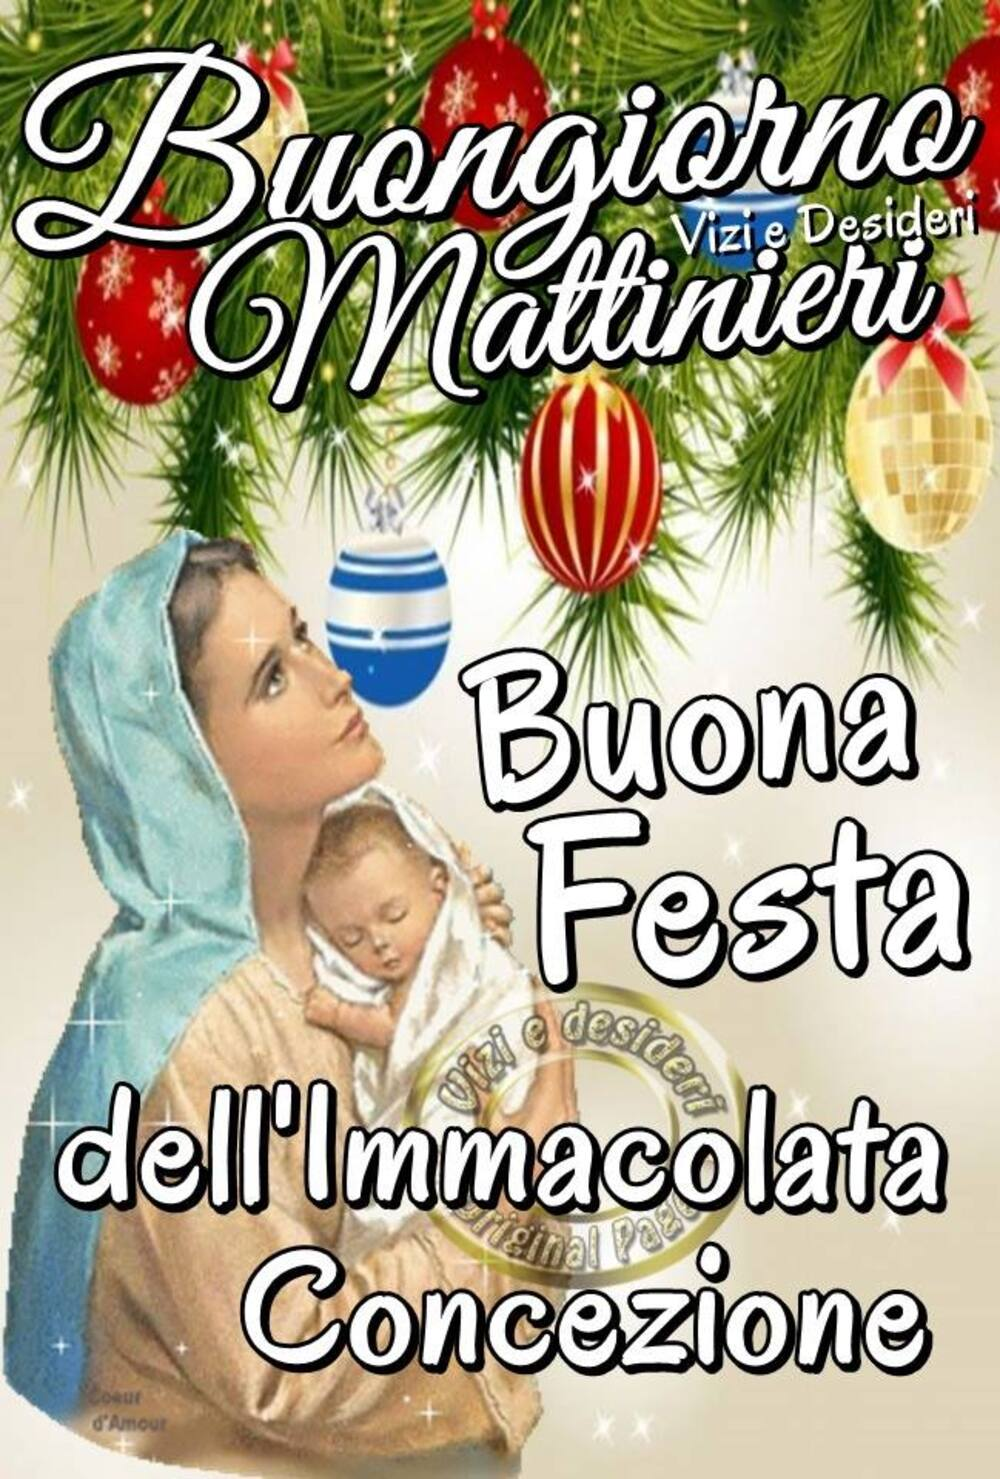 Buongiorno Mattinieri, Buona Festa dell'Immacolata Concezione